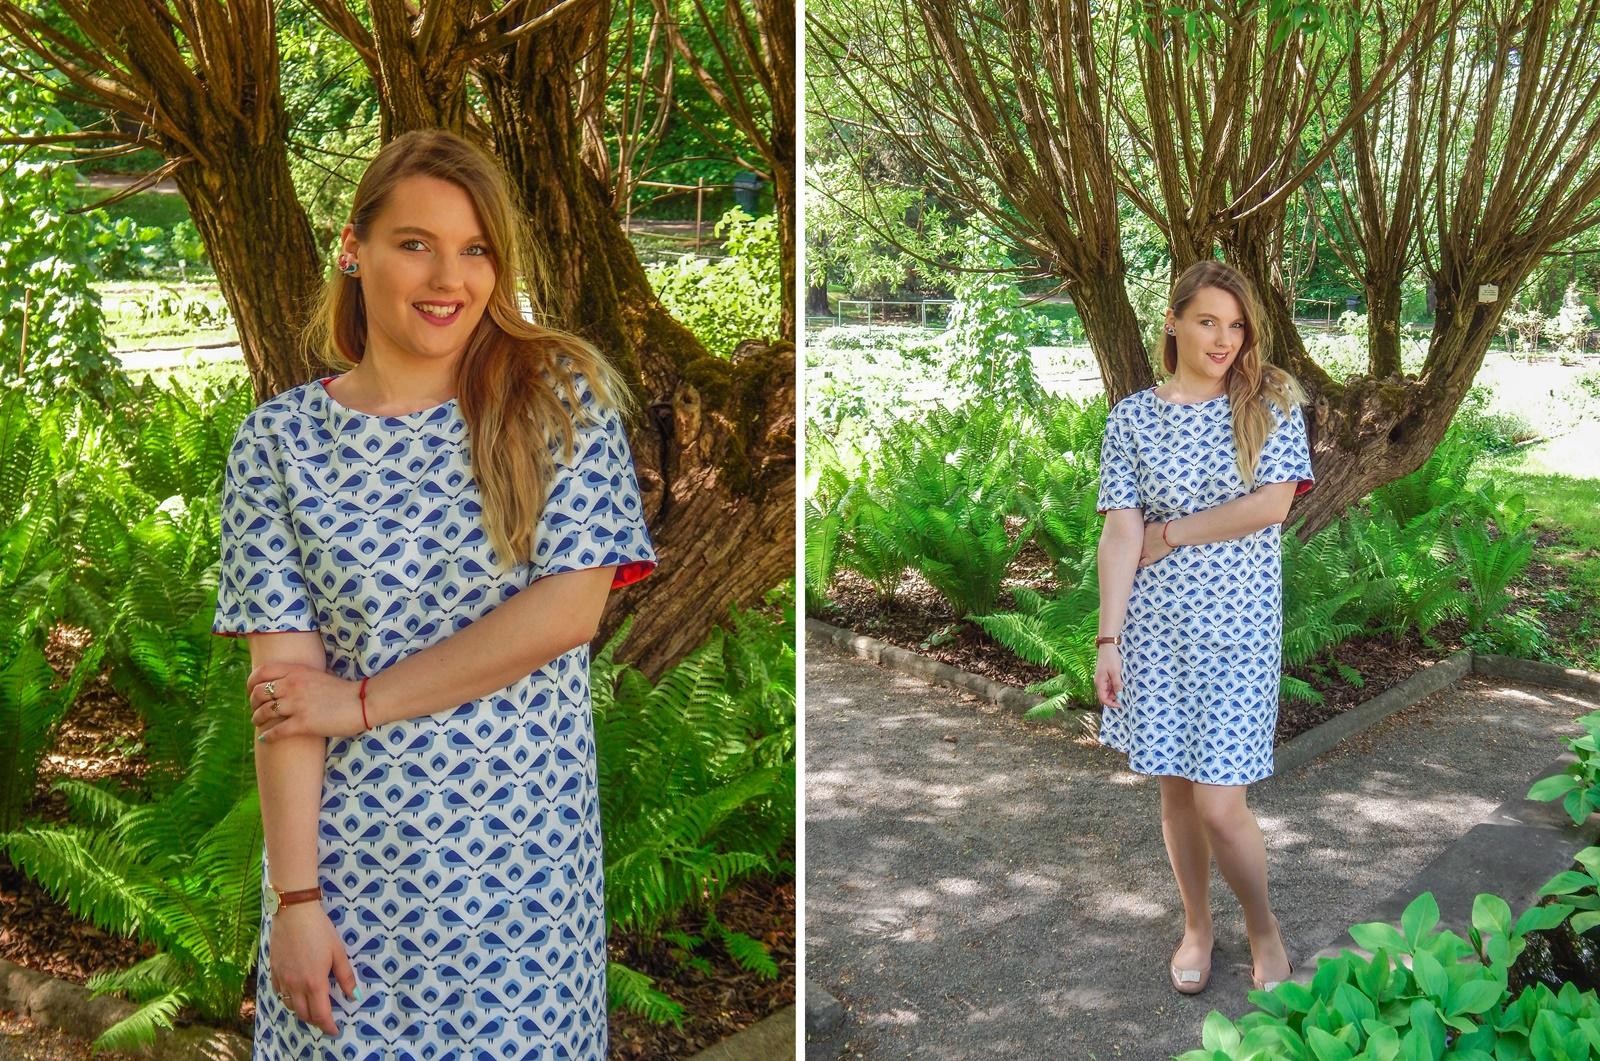 2 samodobro dwukroopek dwustronna sukienka dla mamy prezent dla mamy i córki drewniana biżuteria wróbel i dzika róża metka z opowiadaniem ciekawe mlode polskie marki odzieżowe moda lifestyle łódź